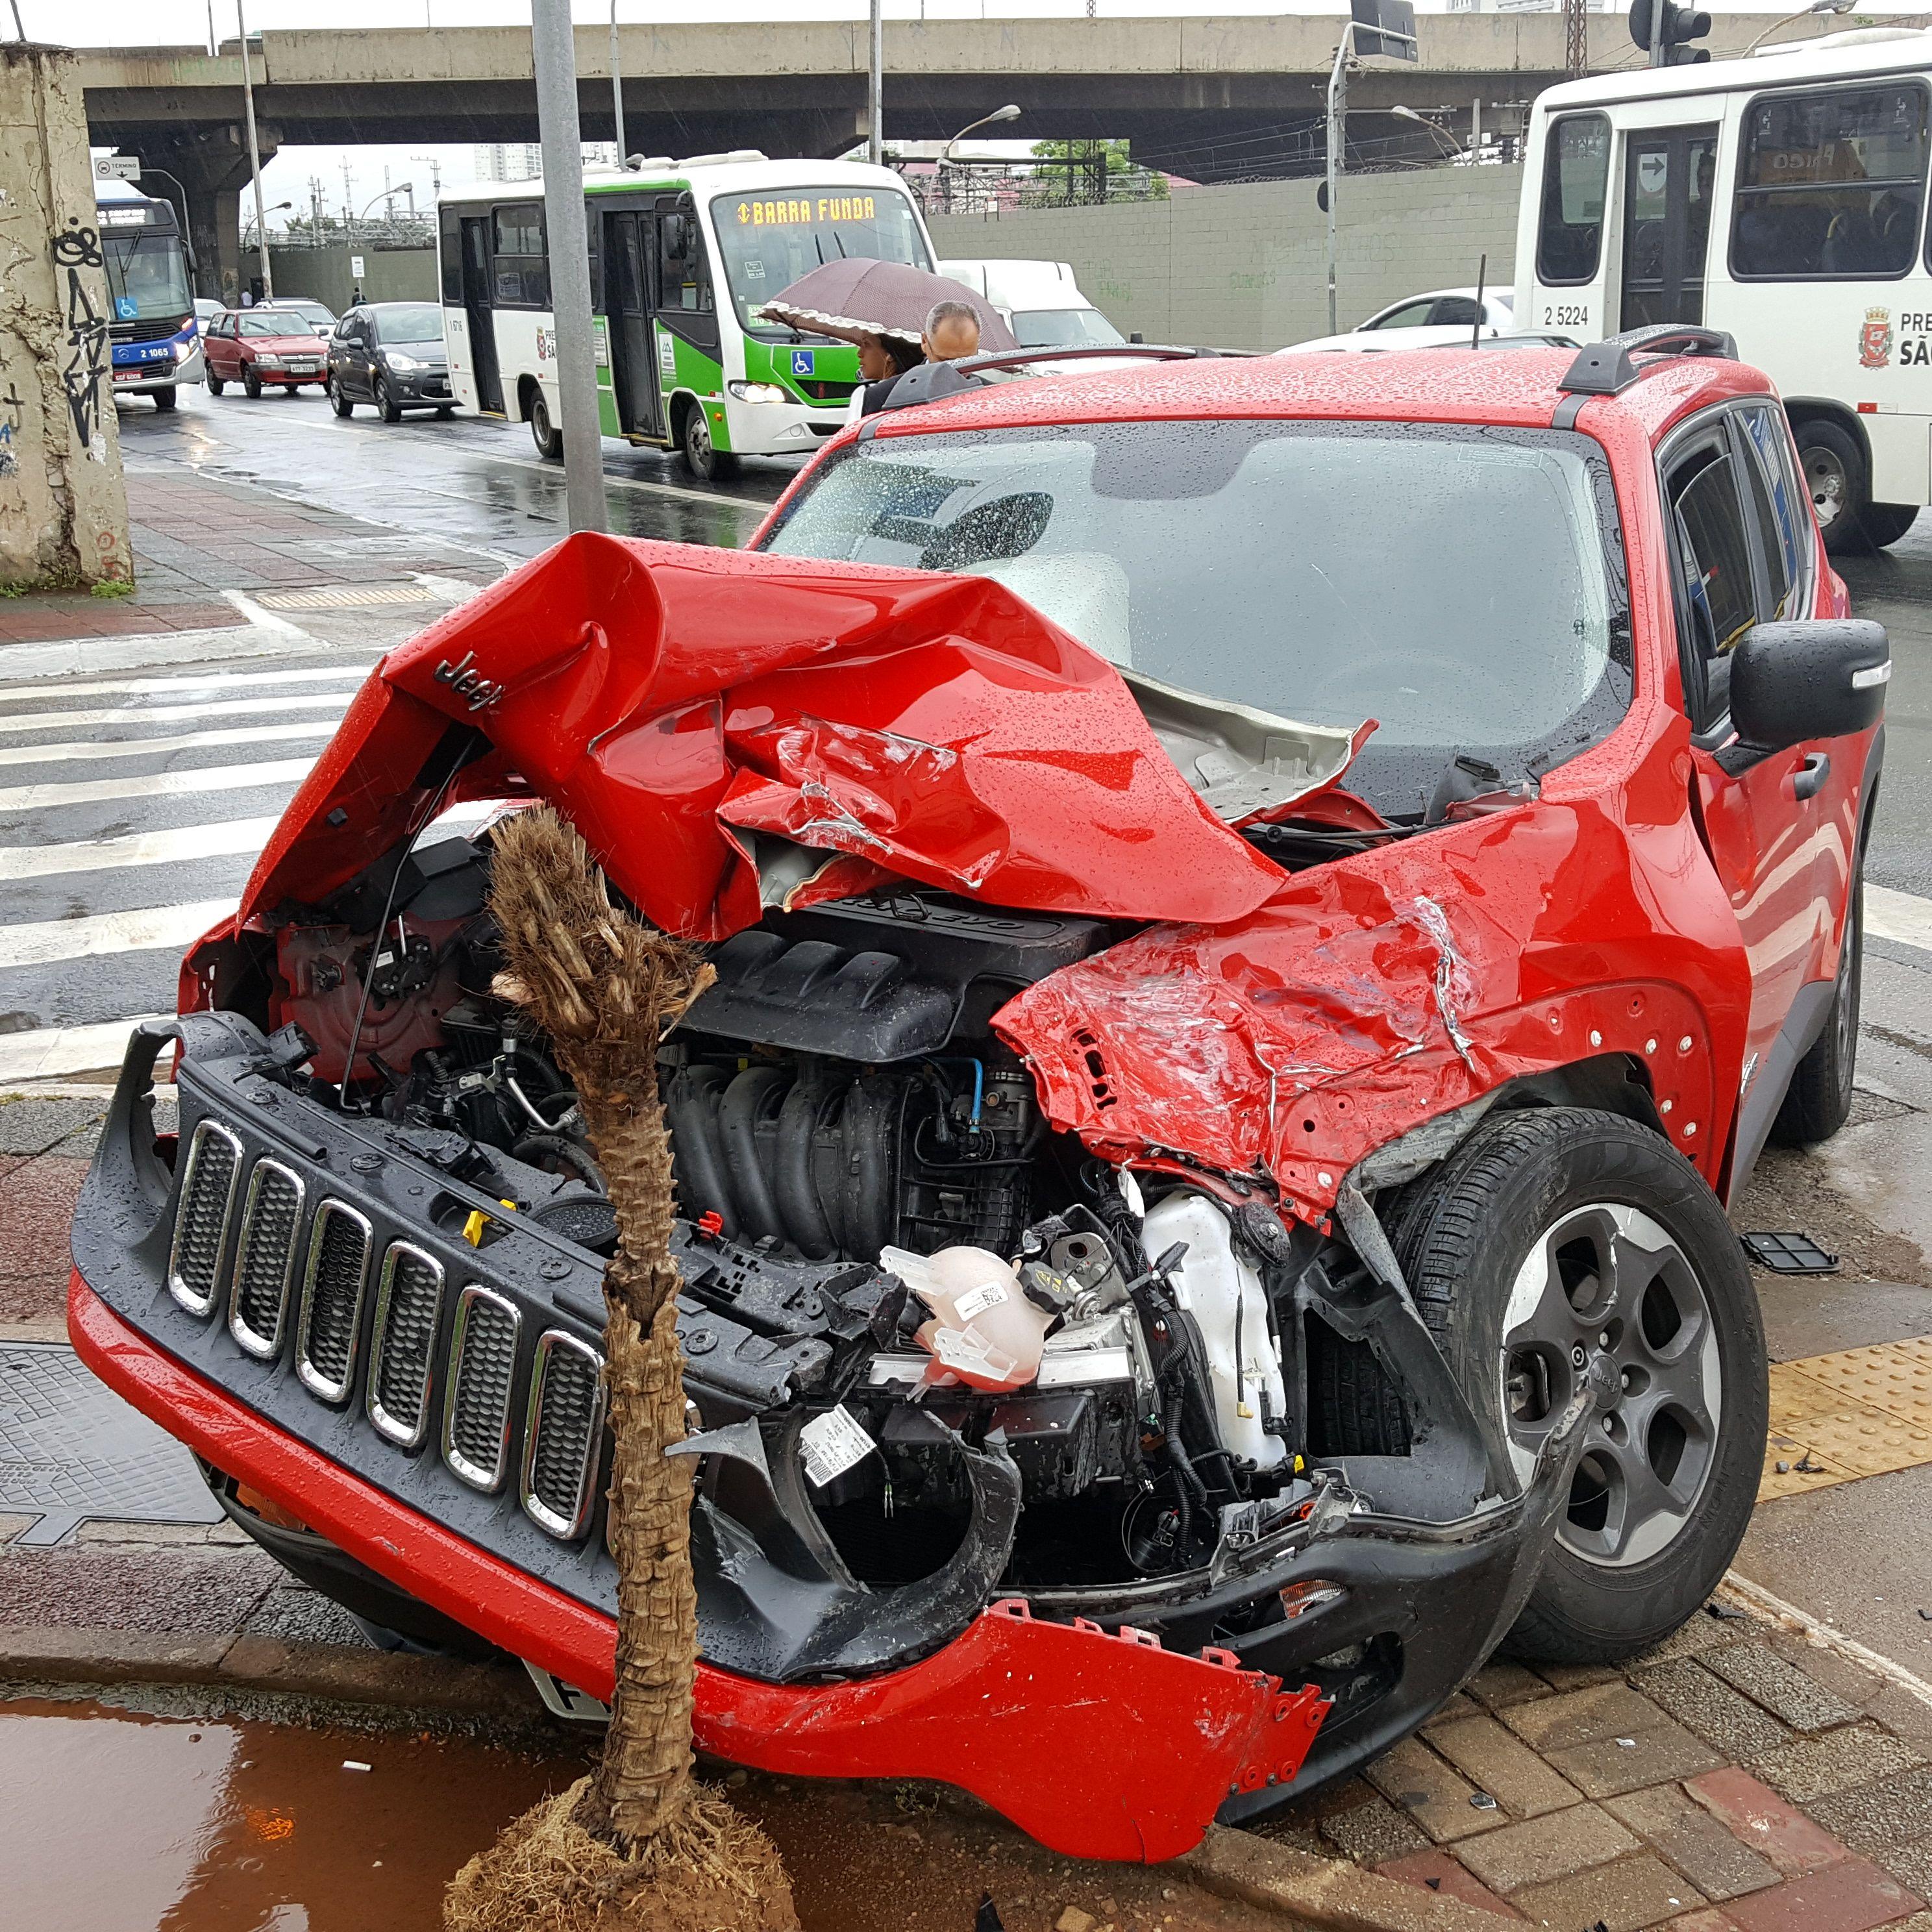 18 January 2016 (933) / A crashed Jeep Renegade SUV